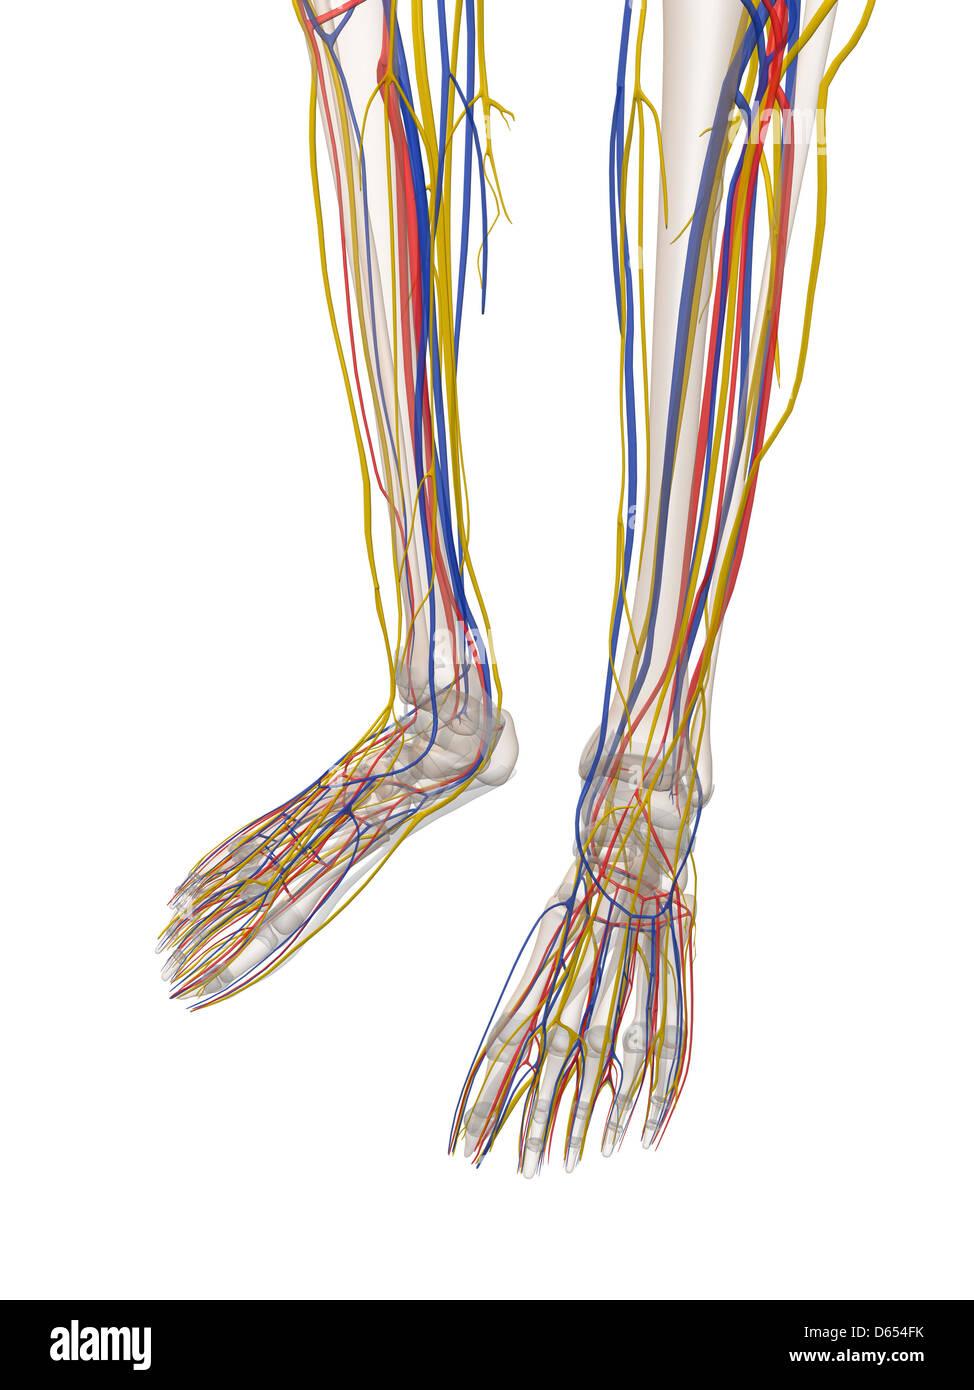 Untere Bein Anatomie, artwork Stockfoto, Bild: 55432375 - Alamy